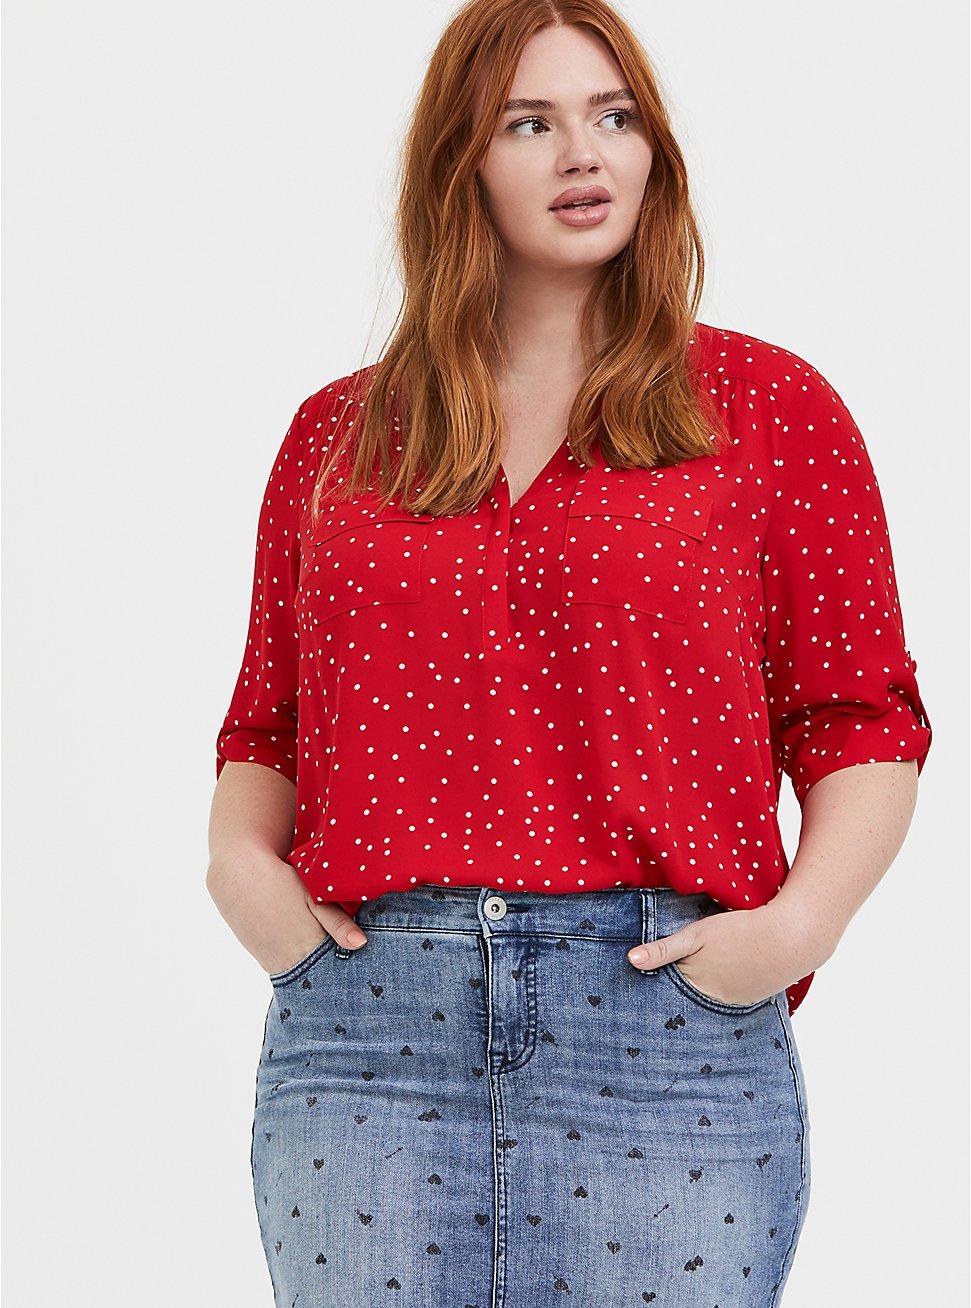 Harper - Red Polka Dot Georgette Pullover Blouse , DOT - RED, hi-res